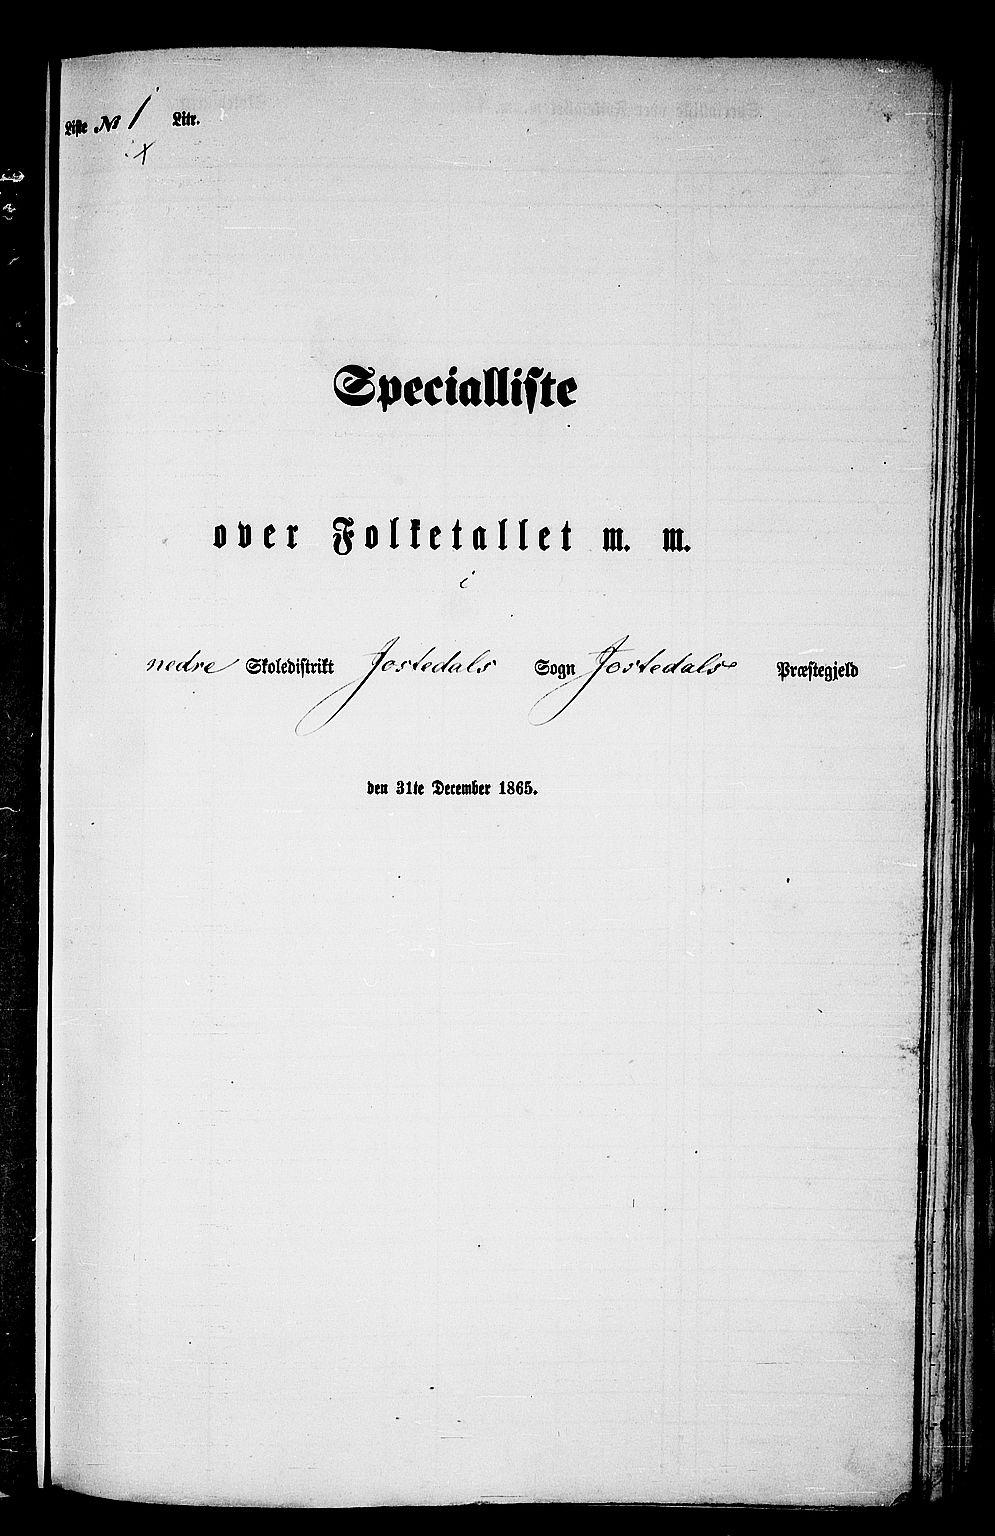 RA, Folketelling 1865 for 1427P Jostedal prestegjeld, 1865, s. 11